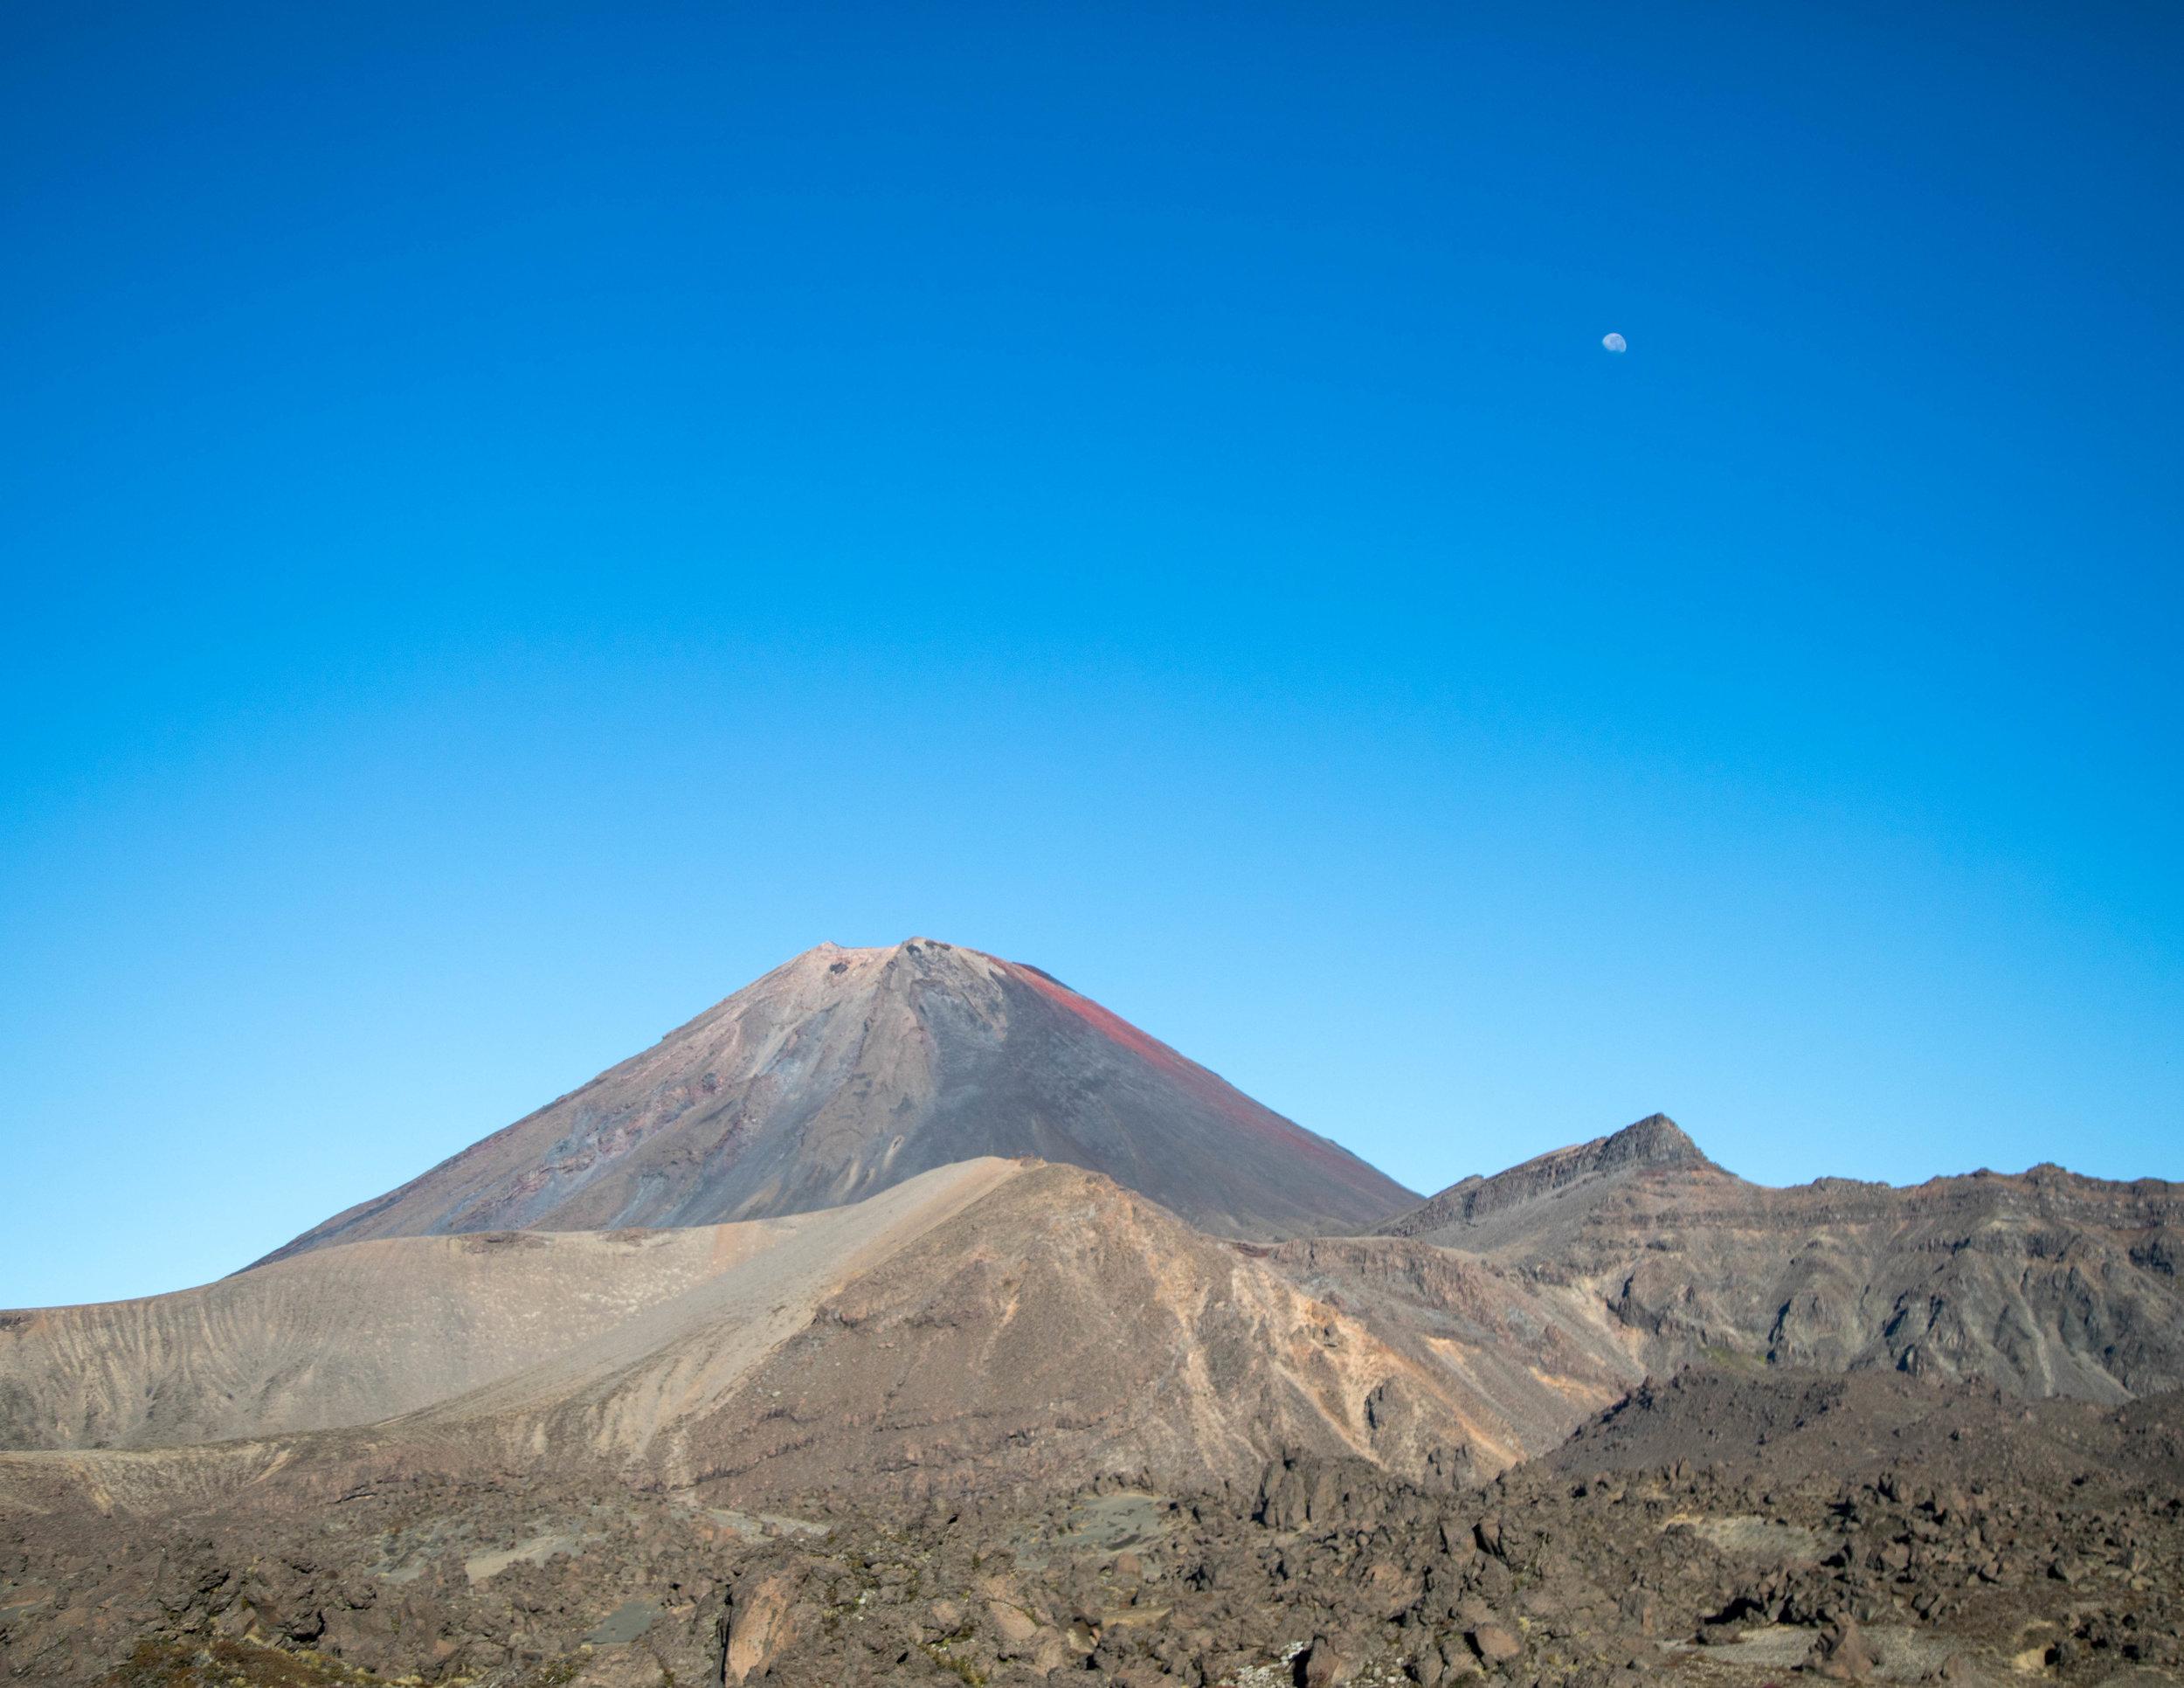 Mount Ngauruhoe in full glory